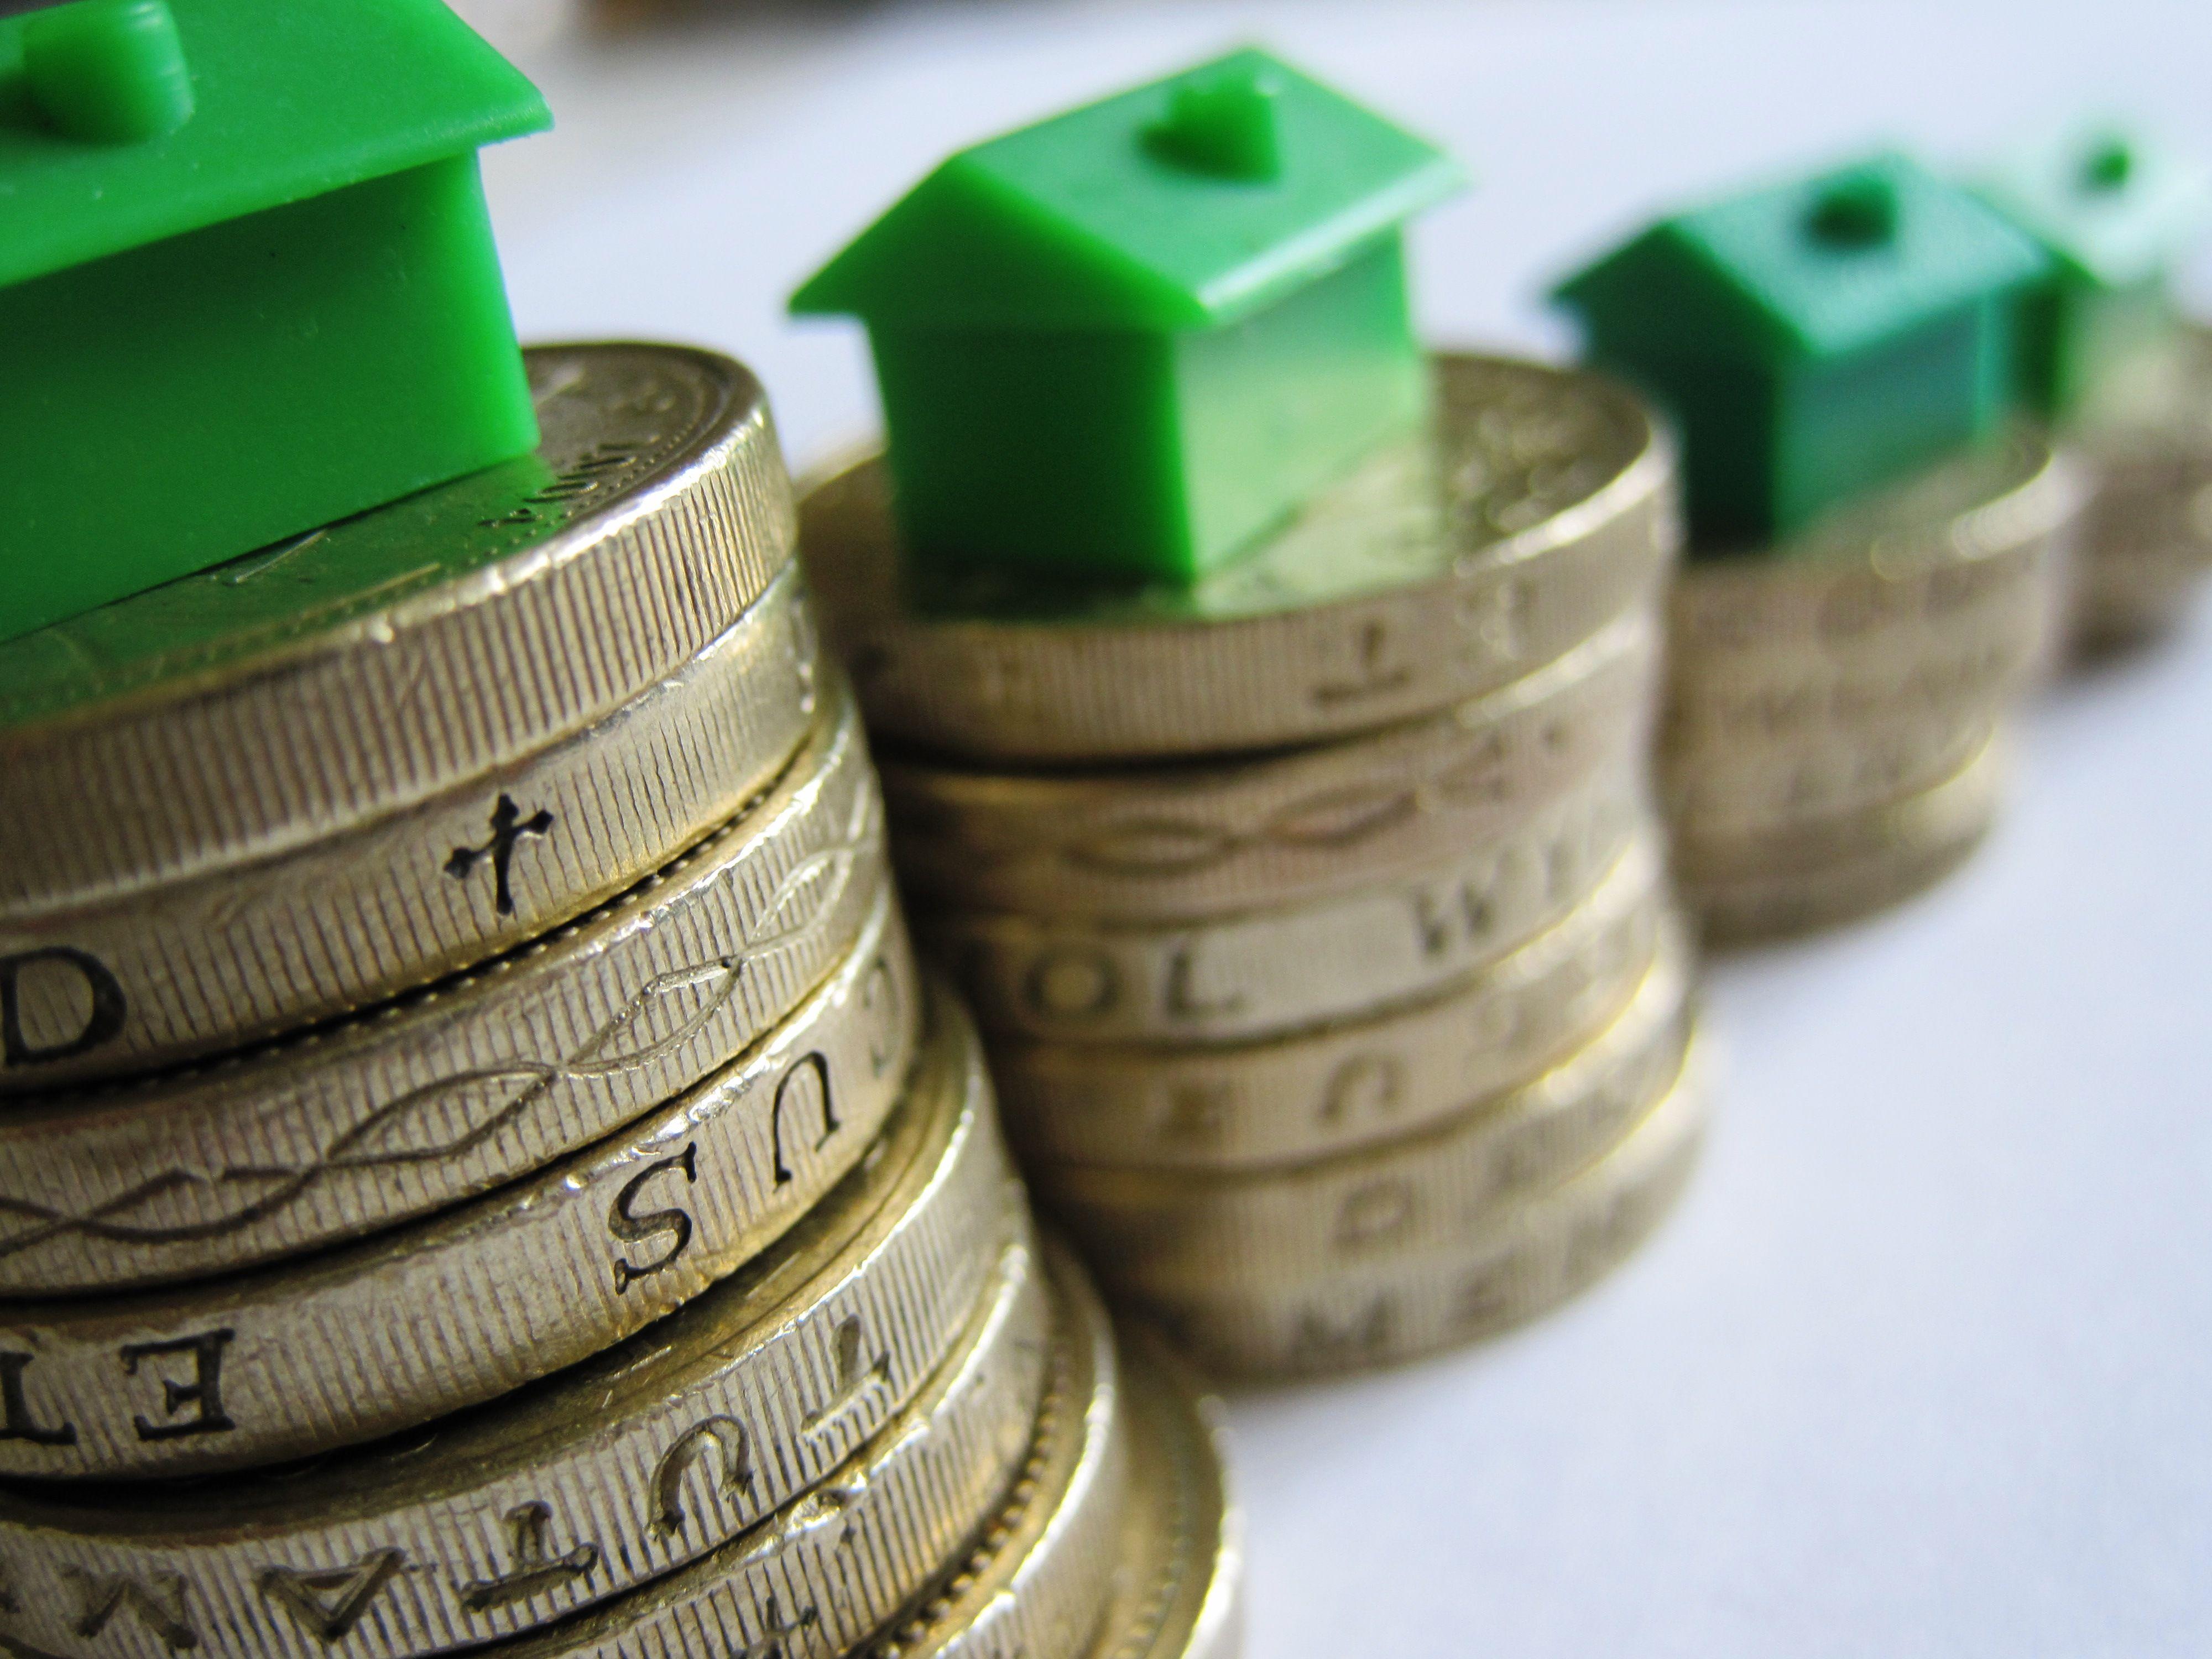 Immobilier en folie : à quoi s'attendre maintenant que la hausse des prix ne parvient plus à être compensée par la baisse des taux